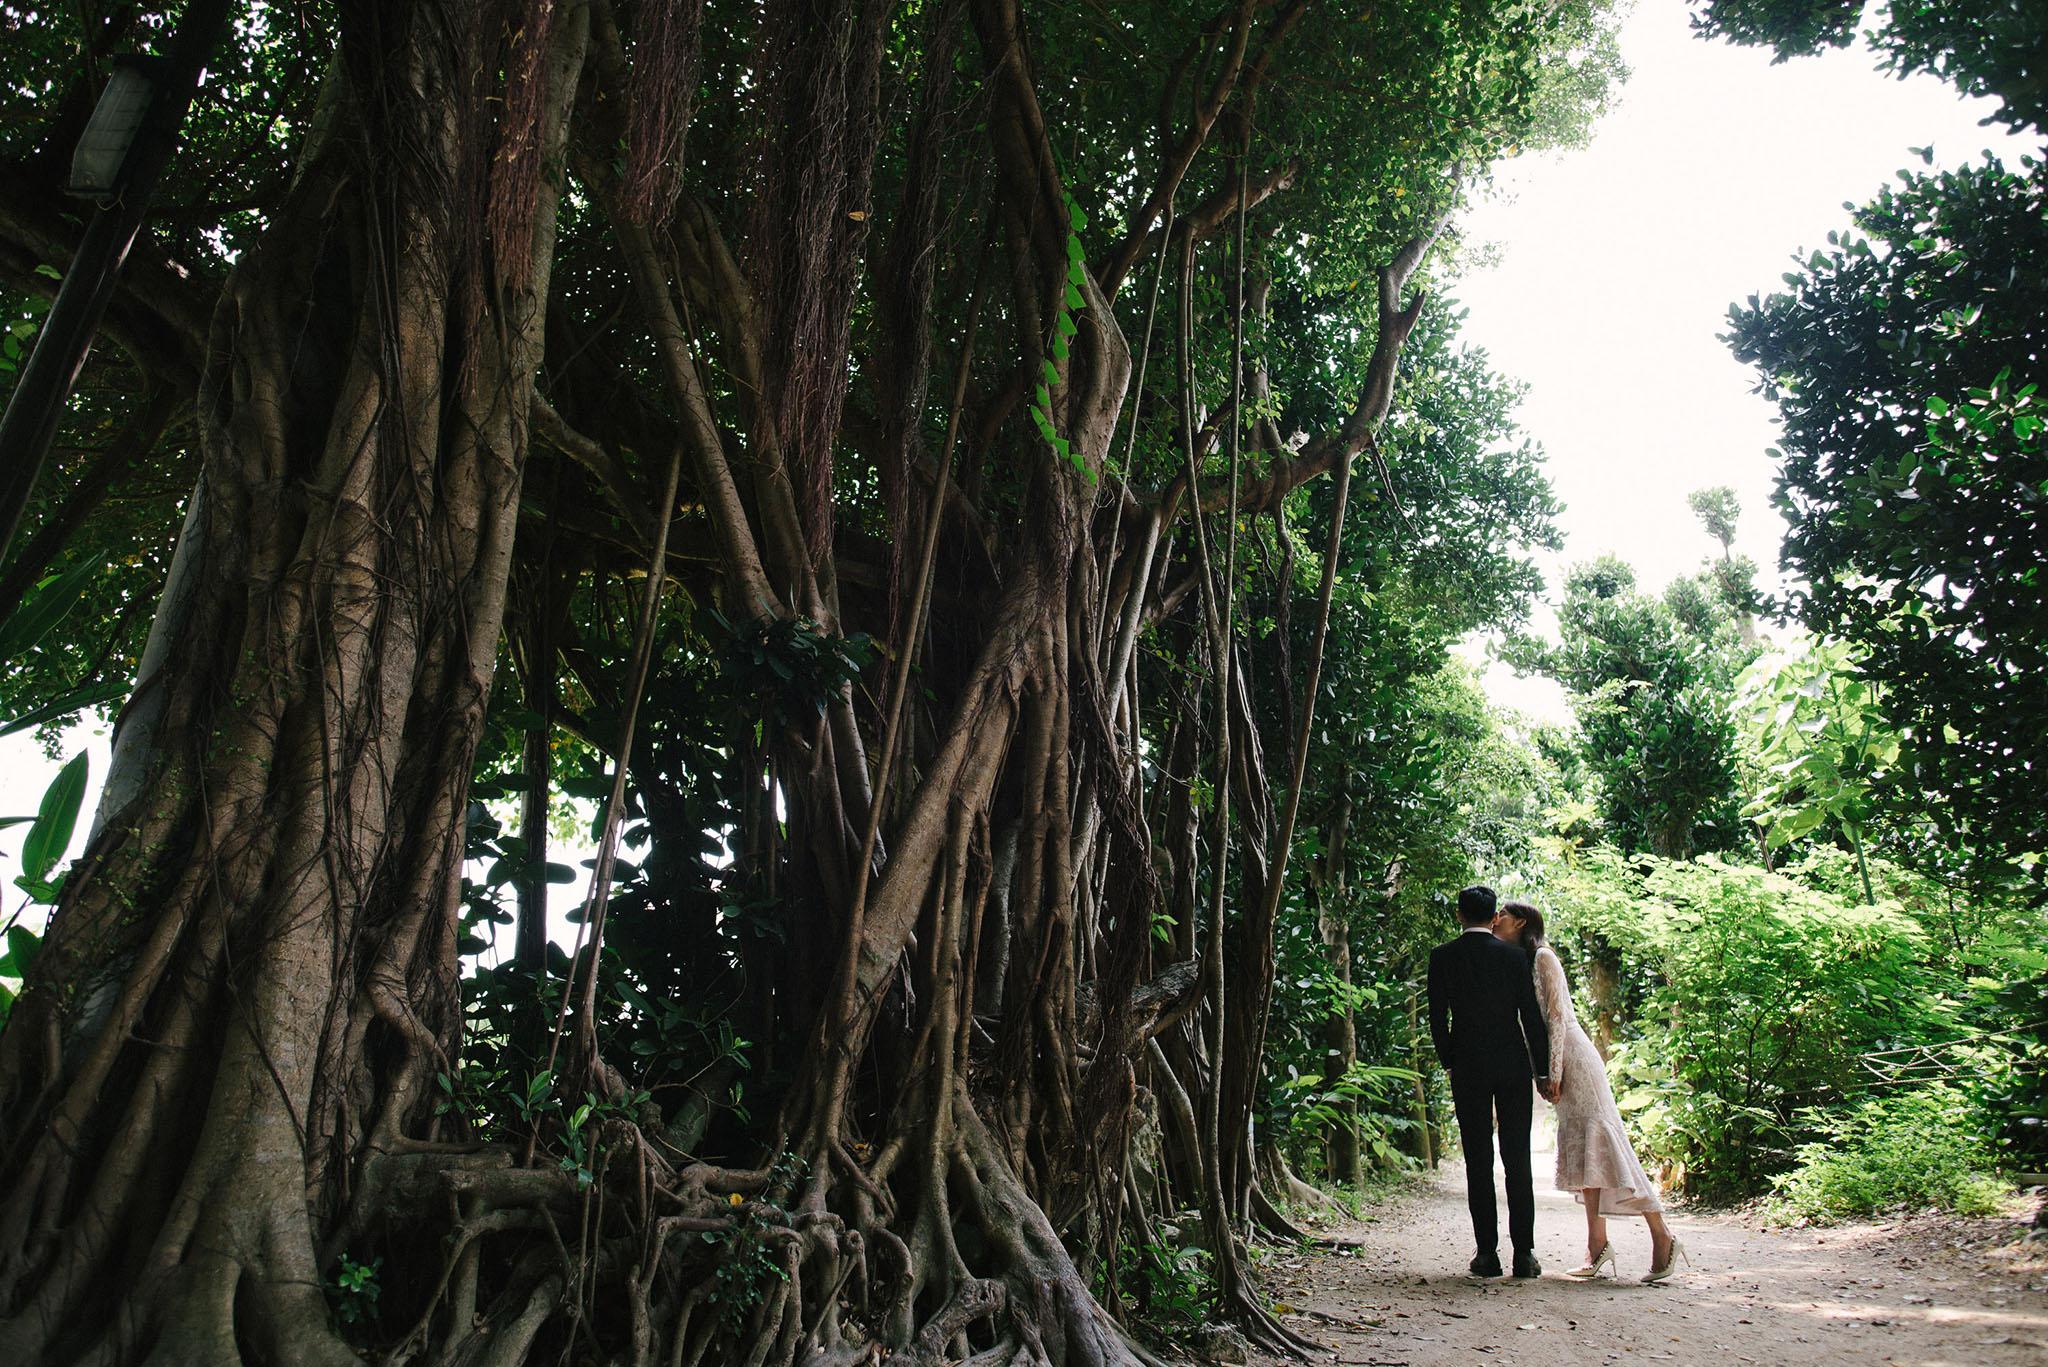 備瀬のフクギ並木には大きなガジュマルの木もある